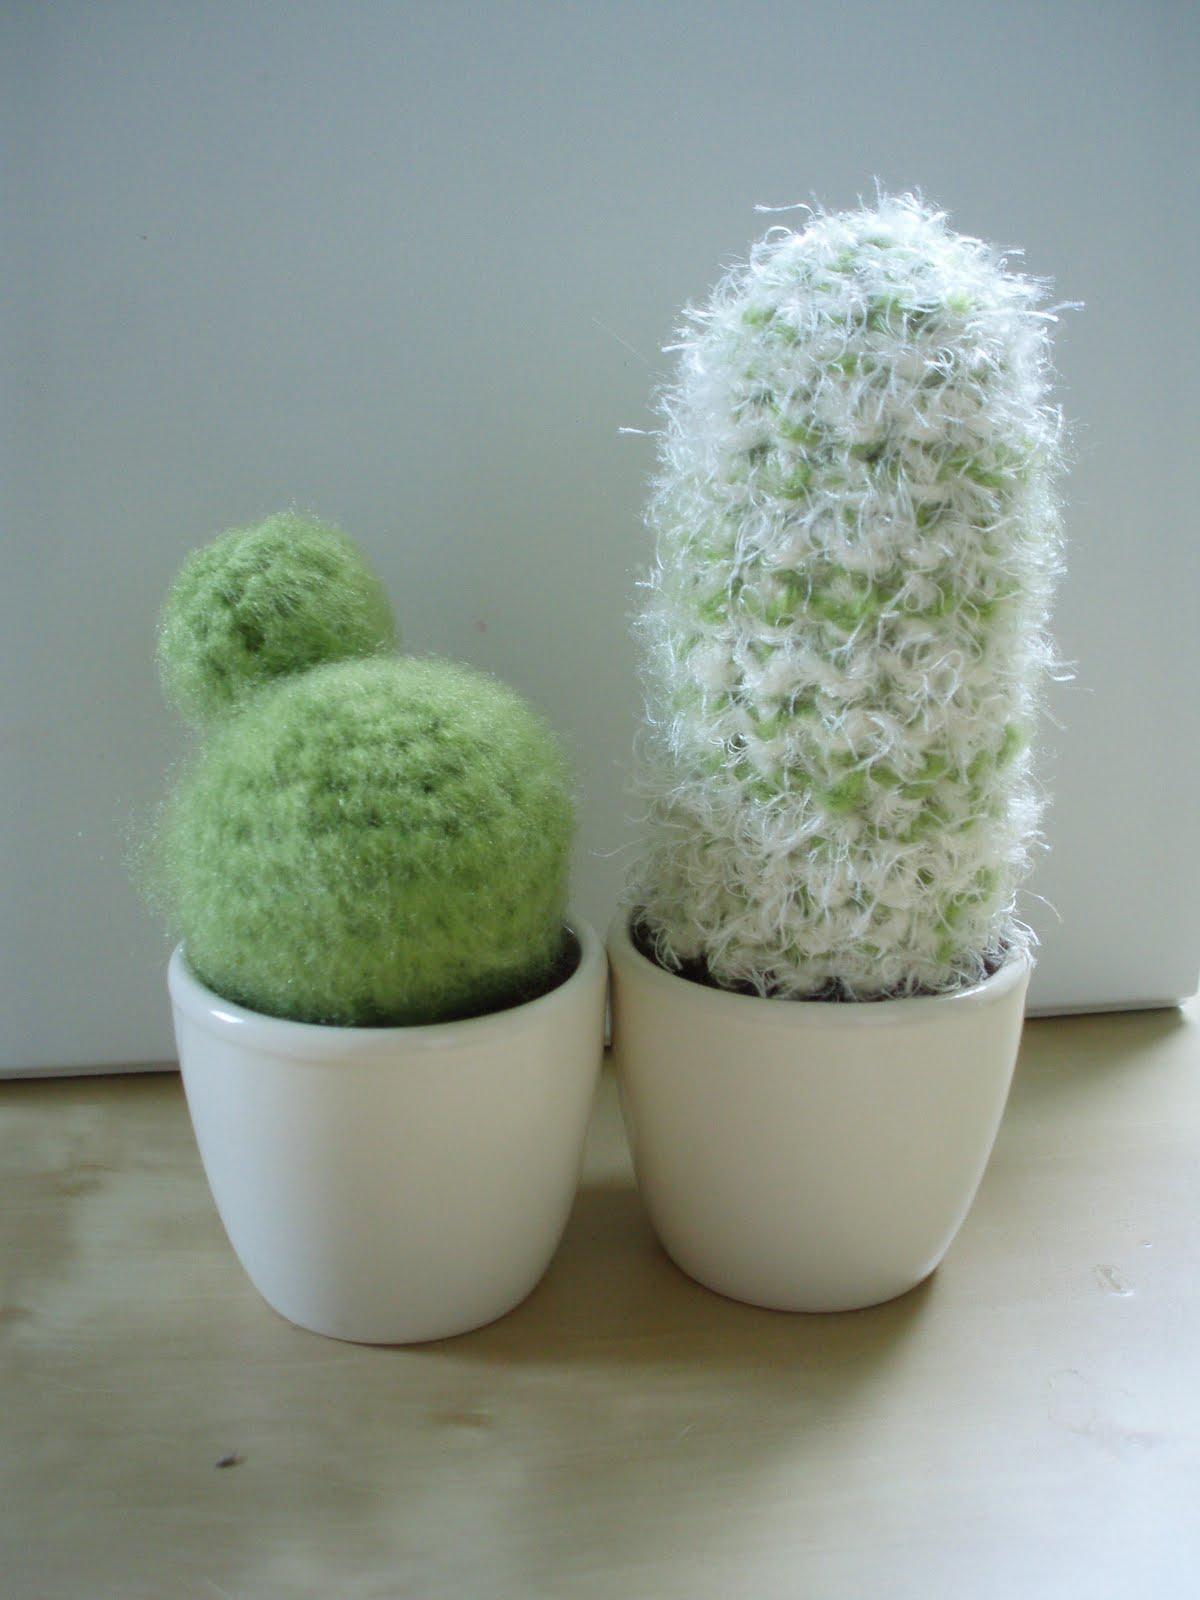 A la Sascha: Patronen Amigurumi Cactus